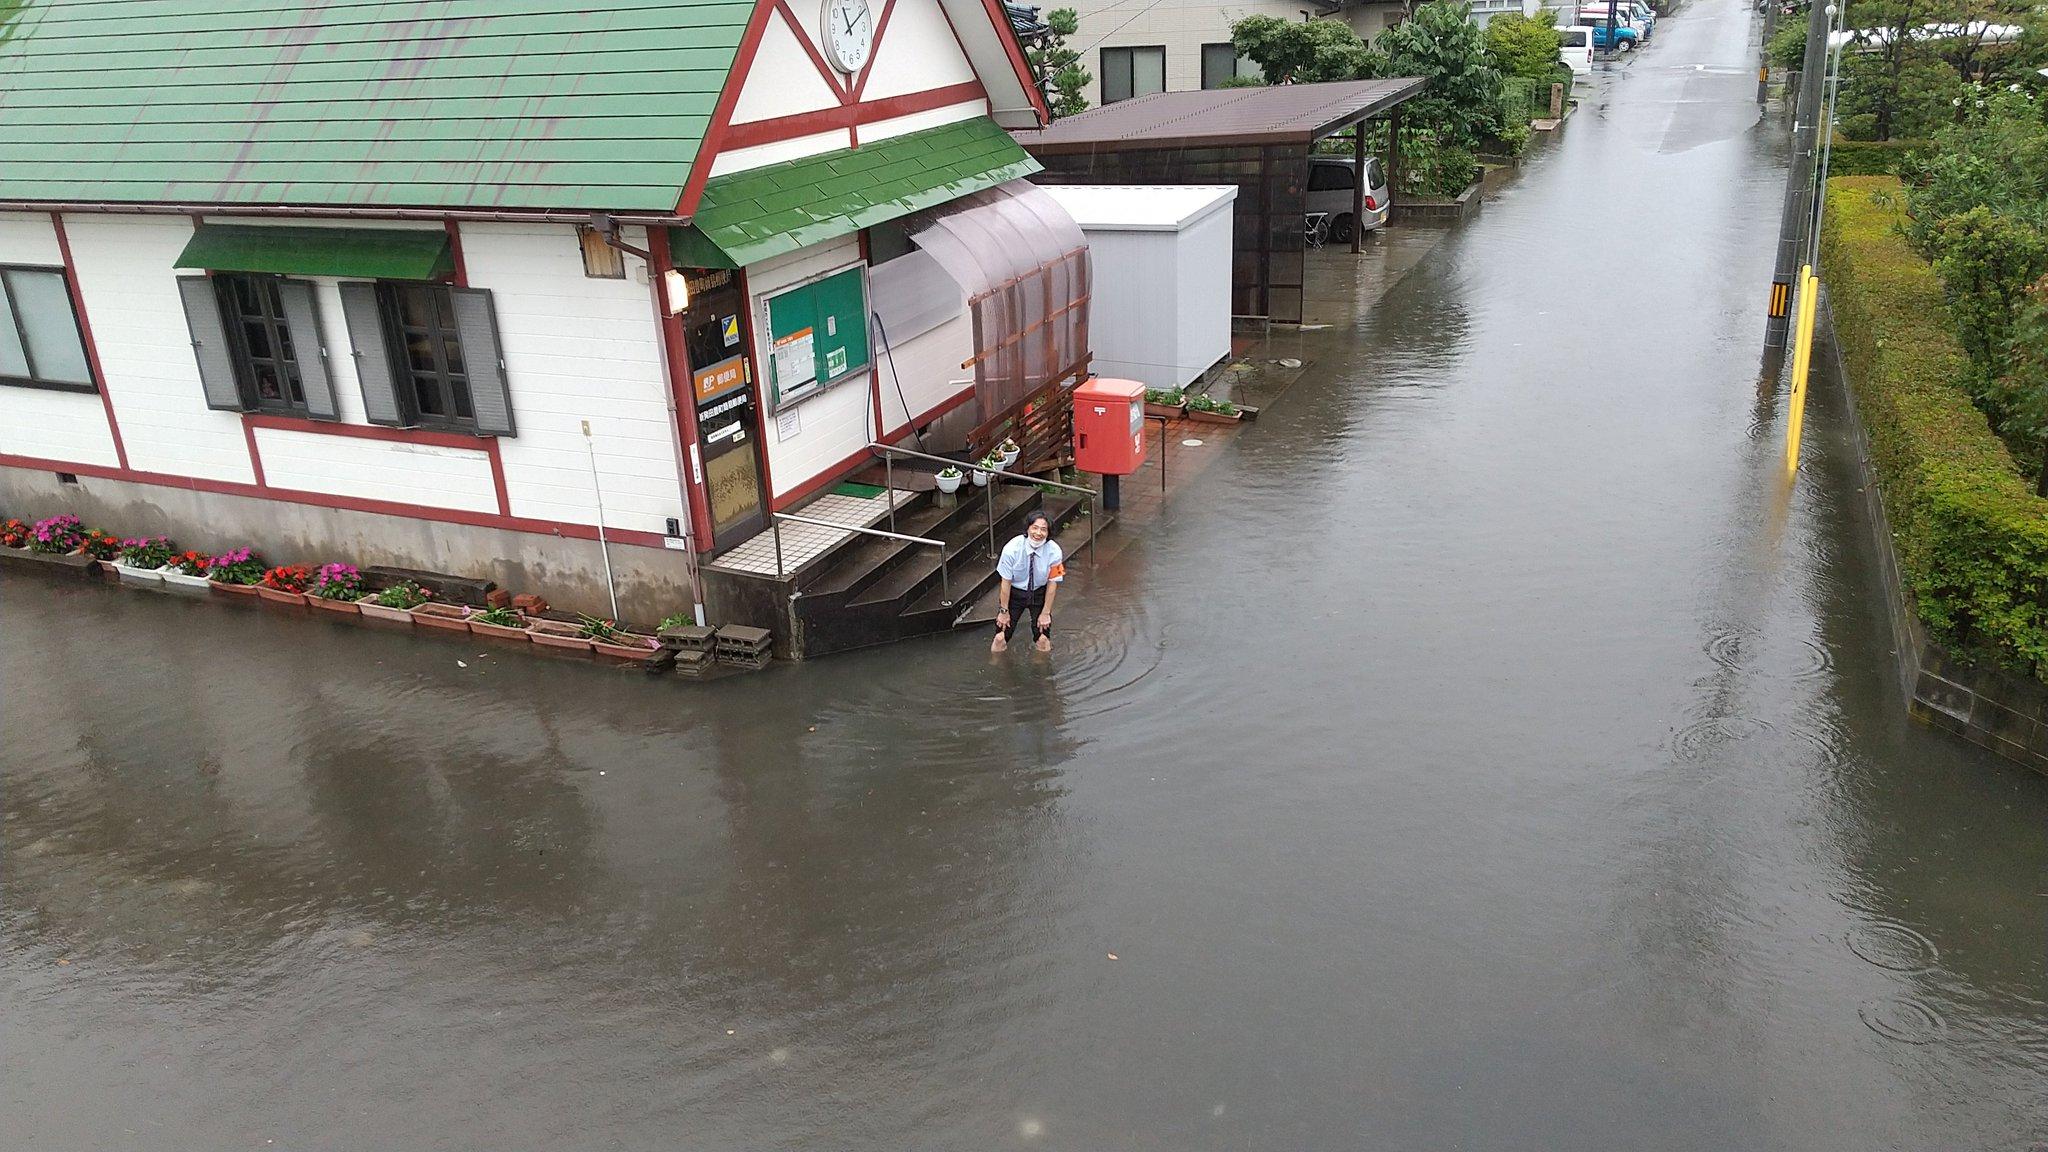 画像,水の都、新発田、豊町‼️ https://t.co/ZHHUy0p6xj。